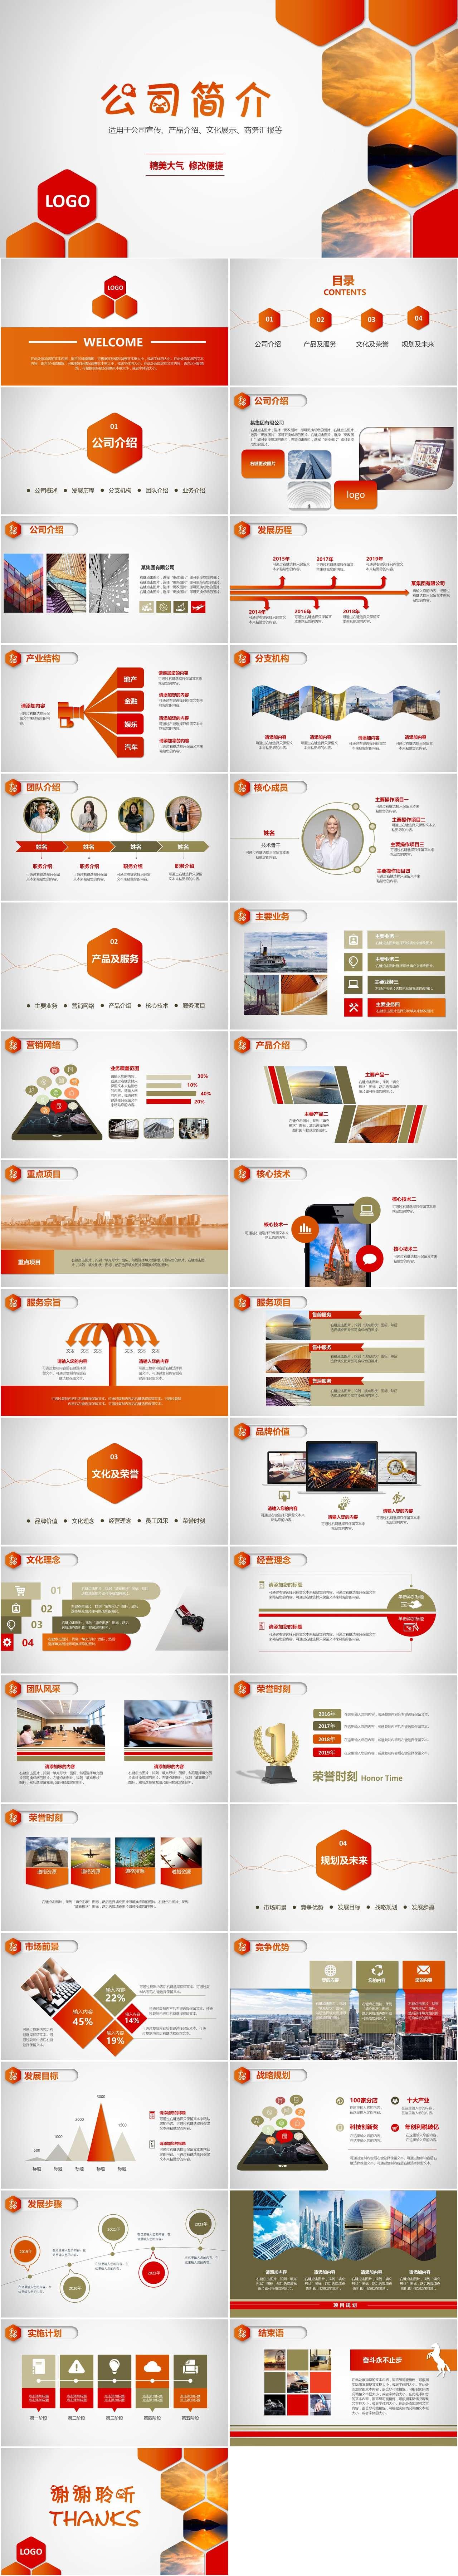 红色主题公司介绍产品宣传PPT模板插图1